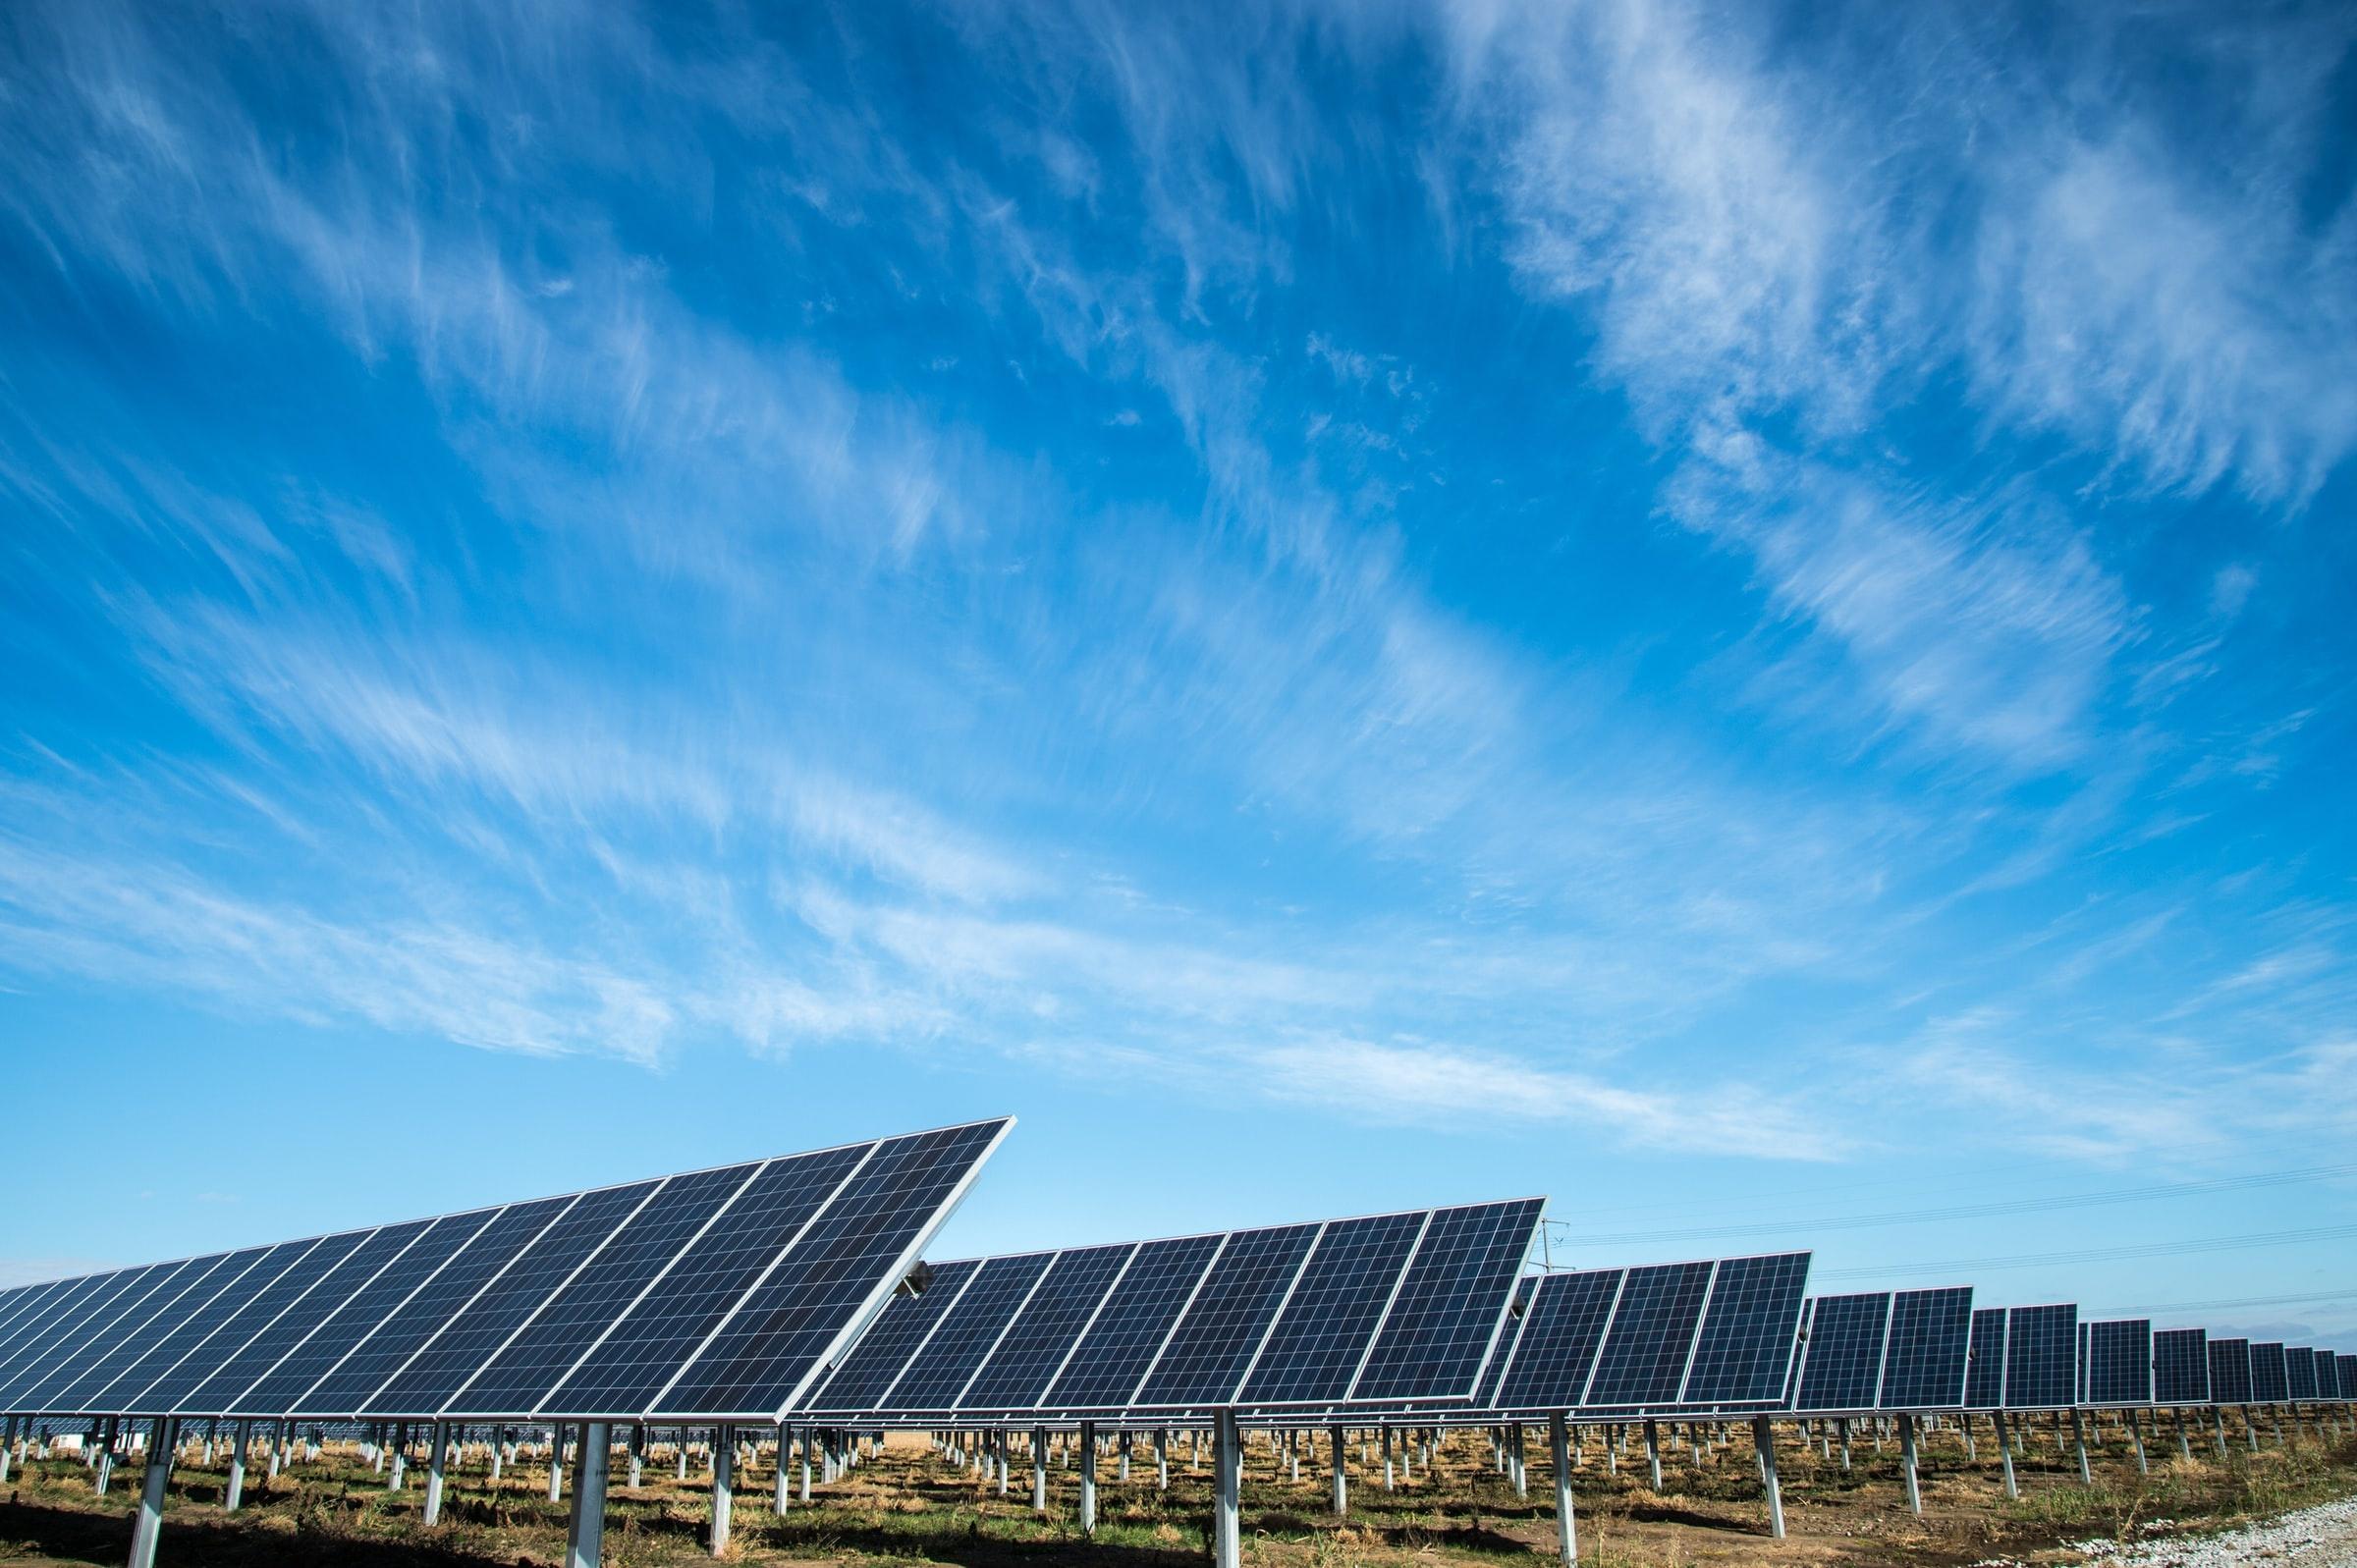 Community Solar, Solar Panel Array, Solar PV, YSG Solar